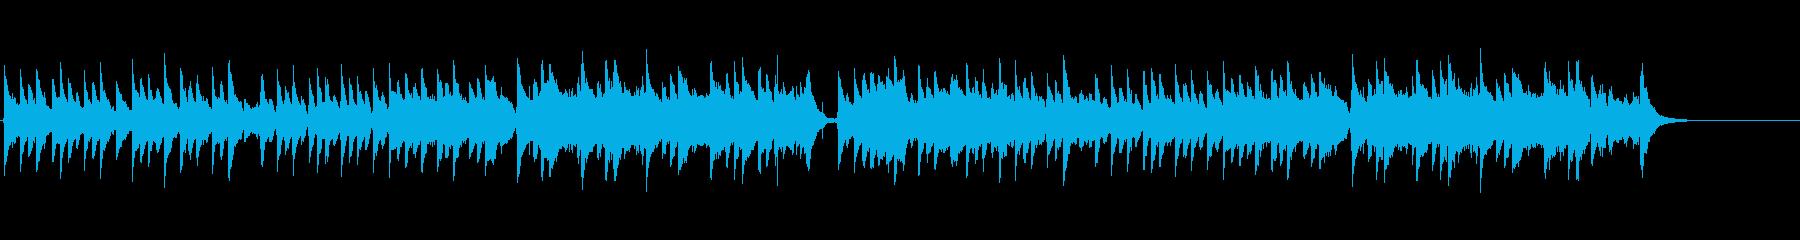 和風/琴が懐かしい、優しい曲の再生済みの波形